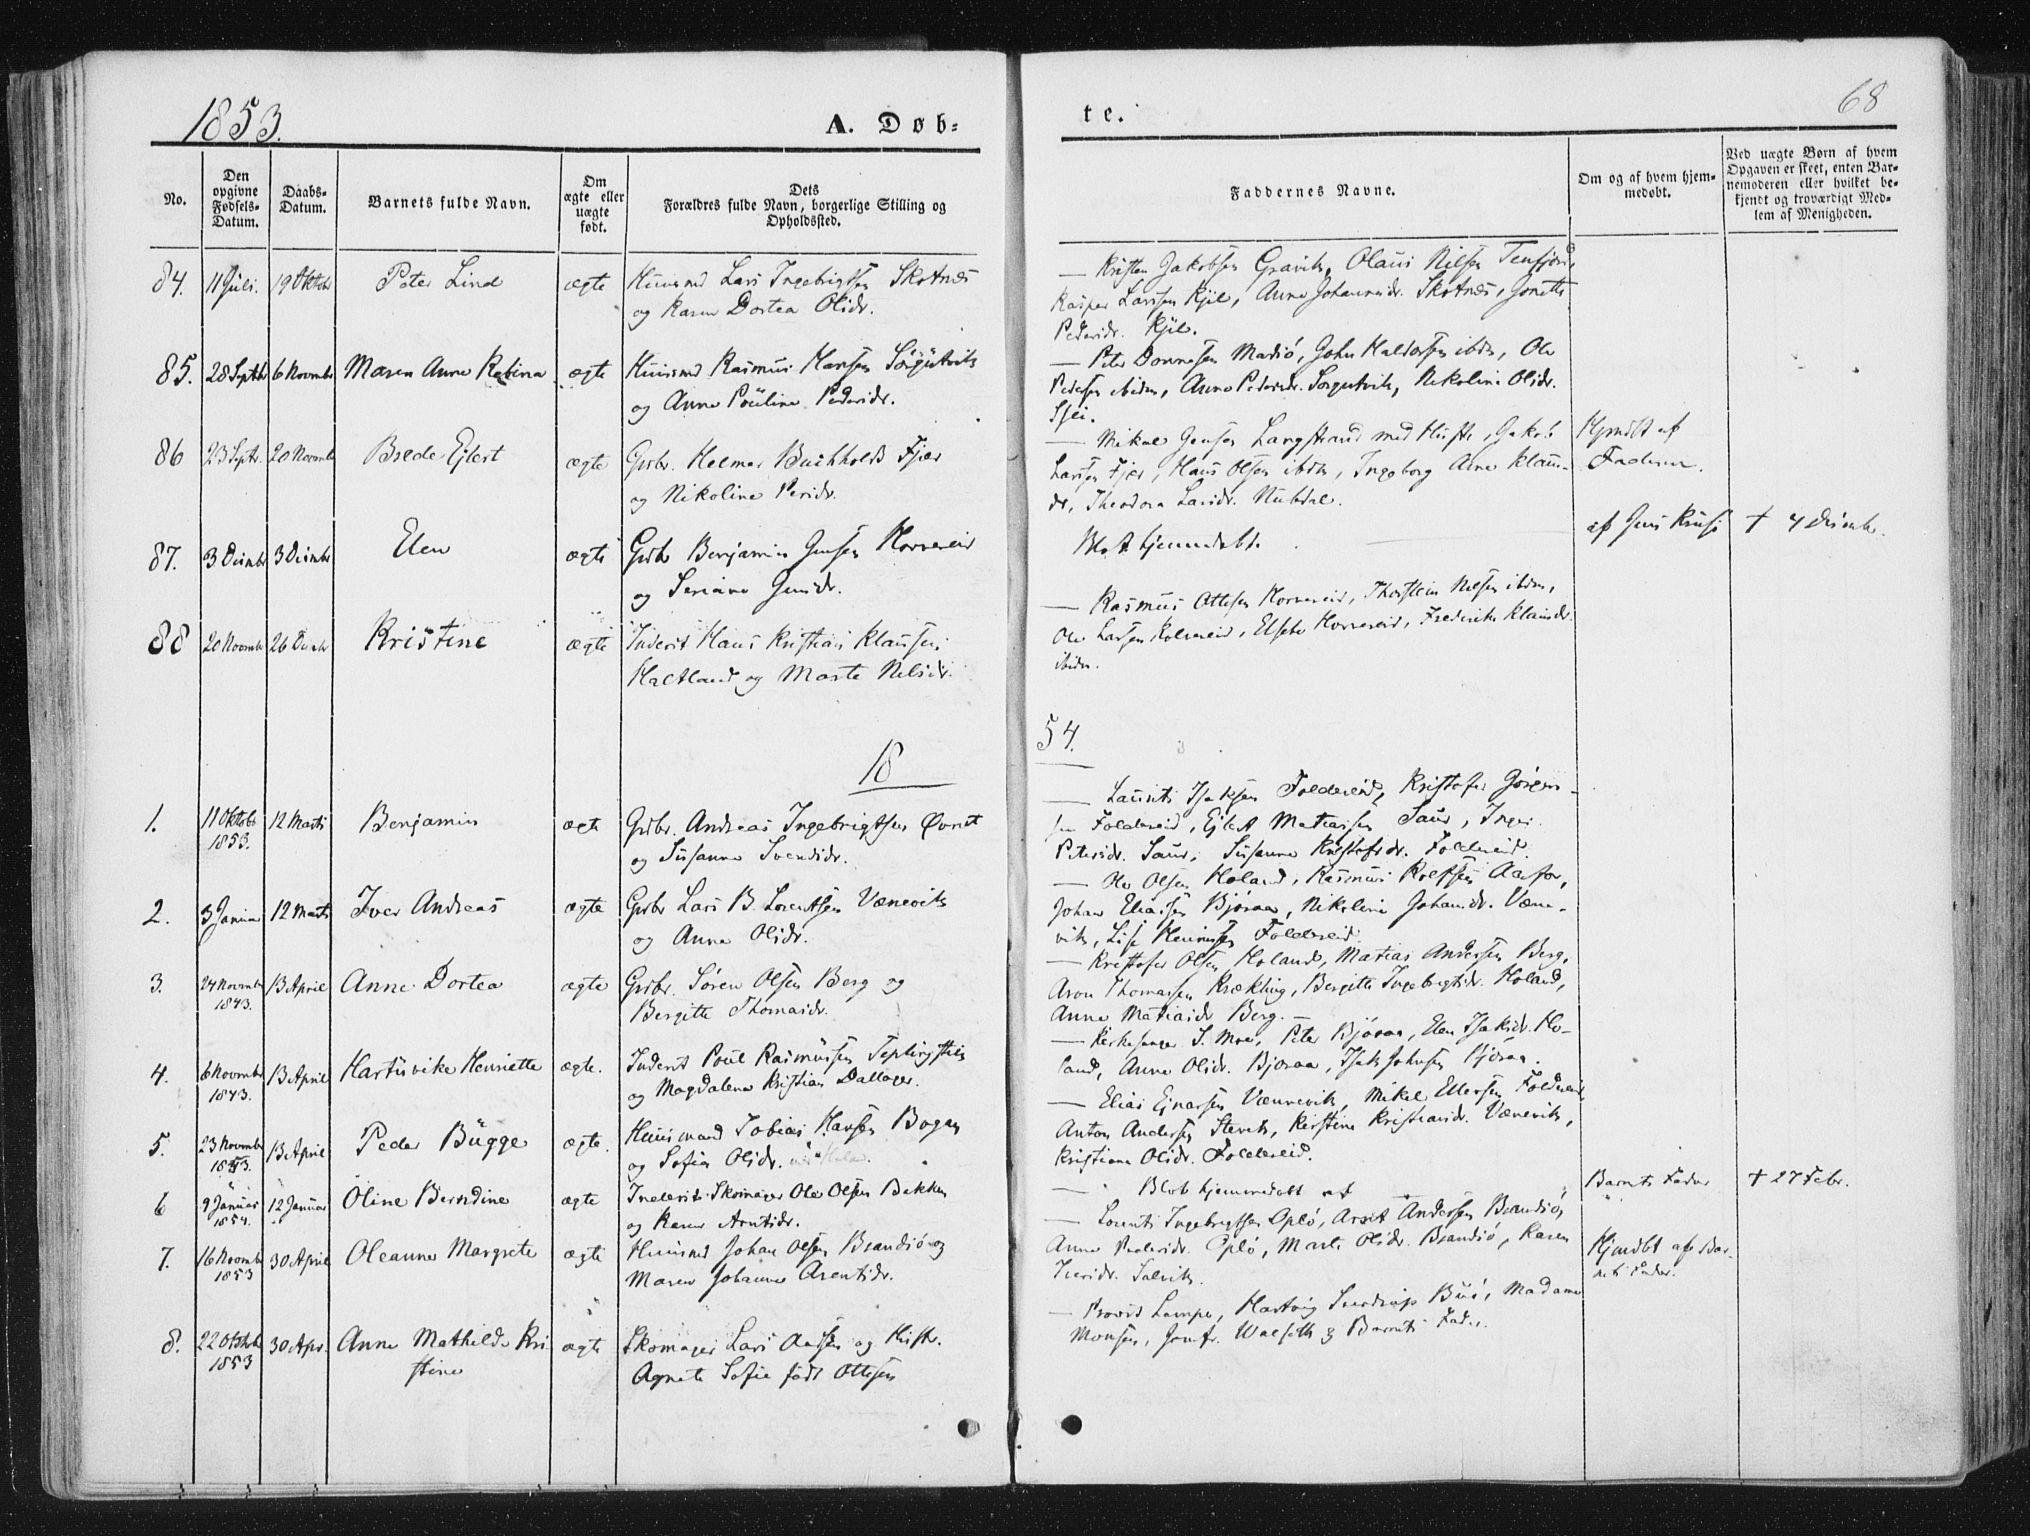 SAT, Ministerialprotokoller, klokkerbøker og fødselsregistre - Nord-Trøndelag, 780/L0640: Ministerialbok nr. 780A05, 1845-1856, s. 68